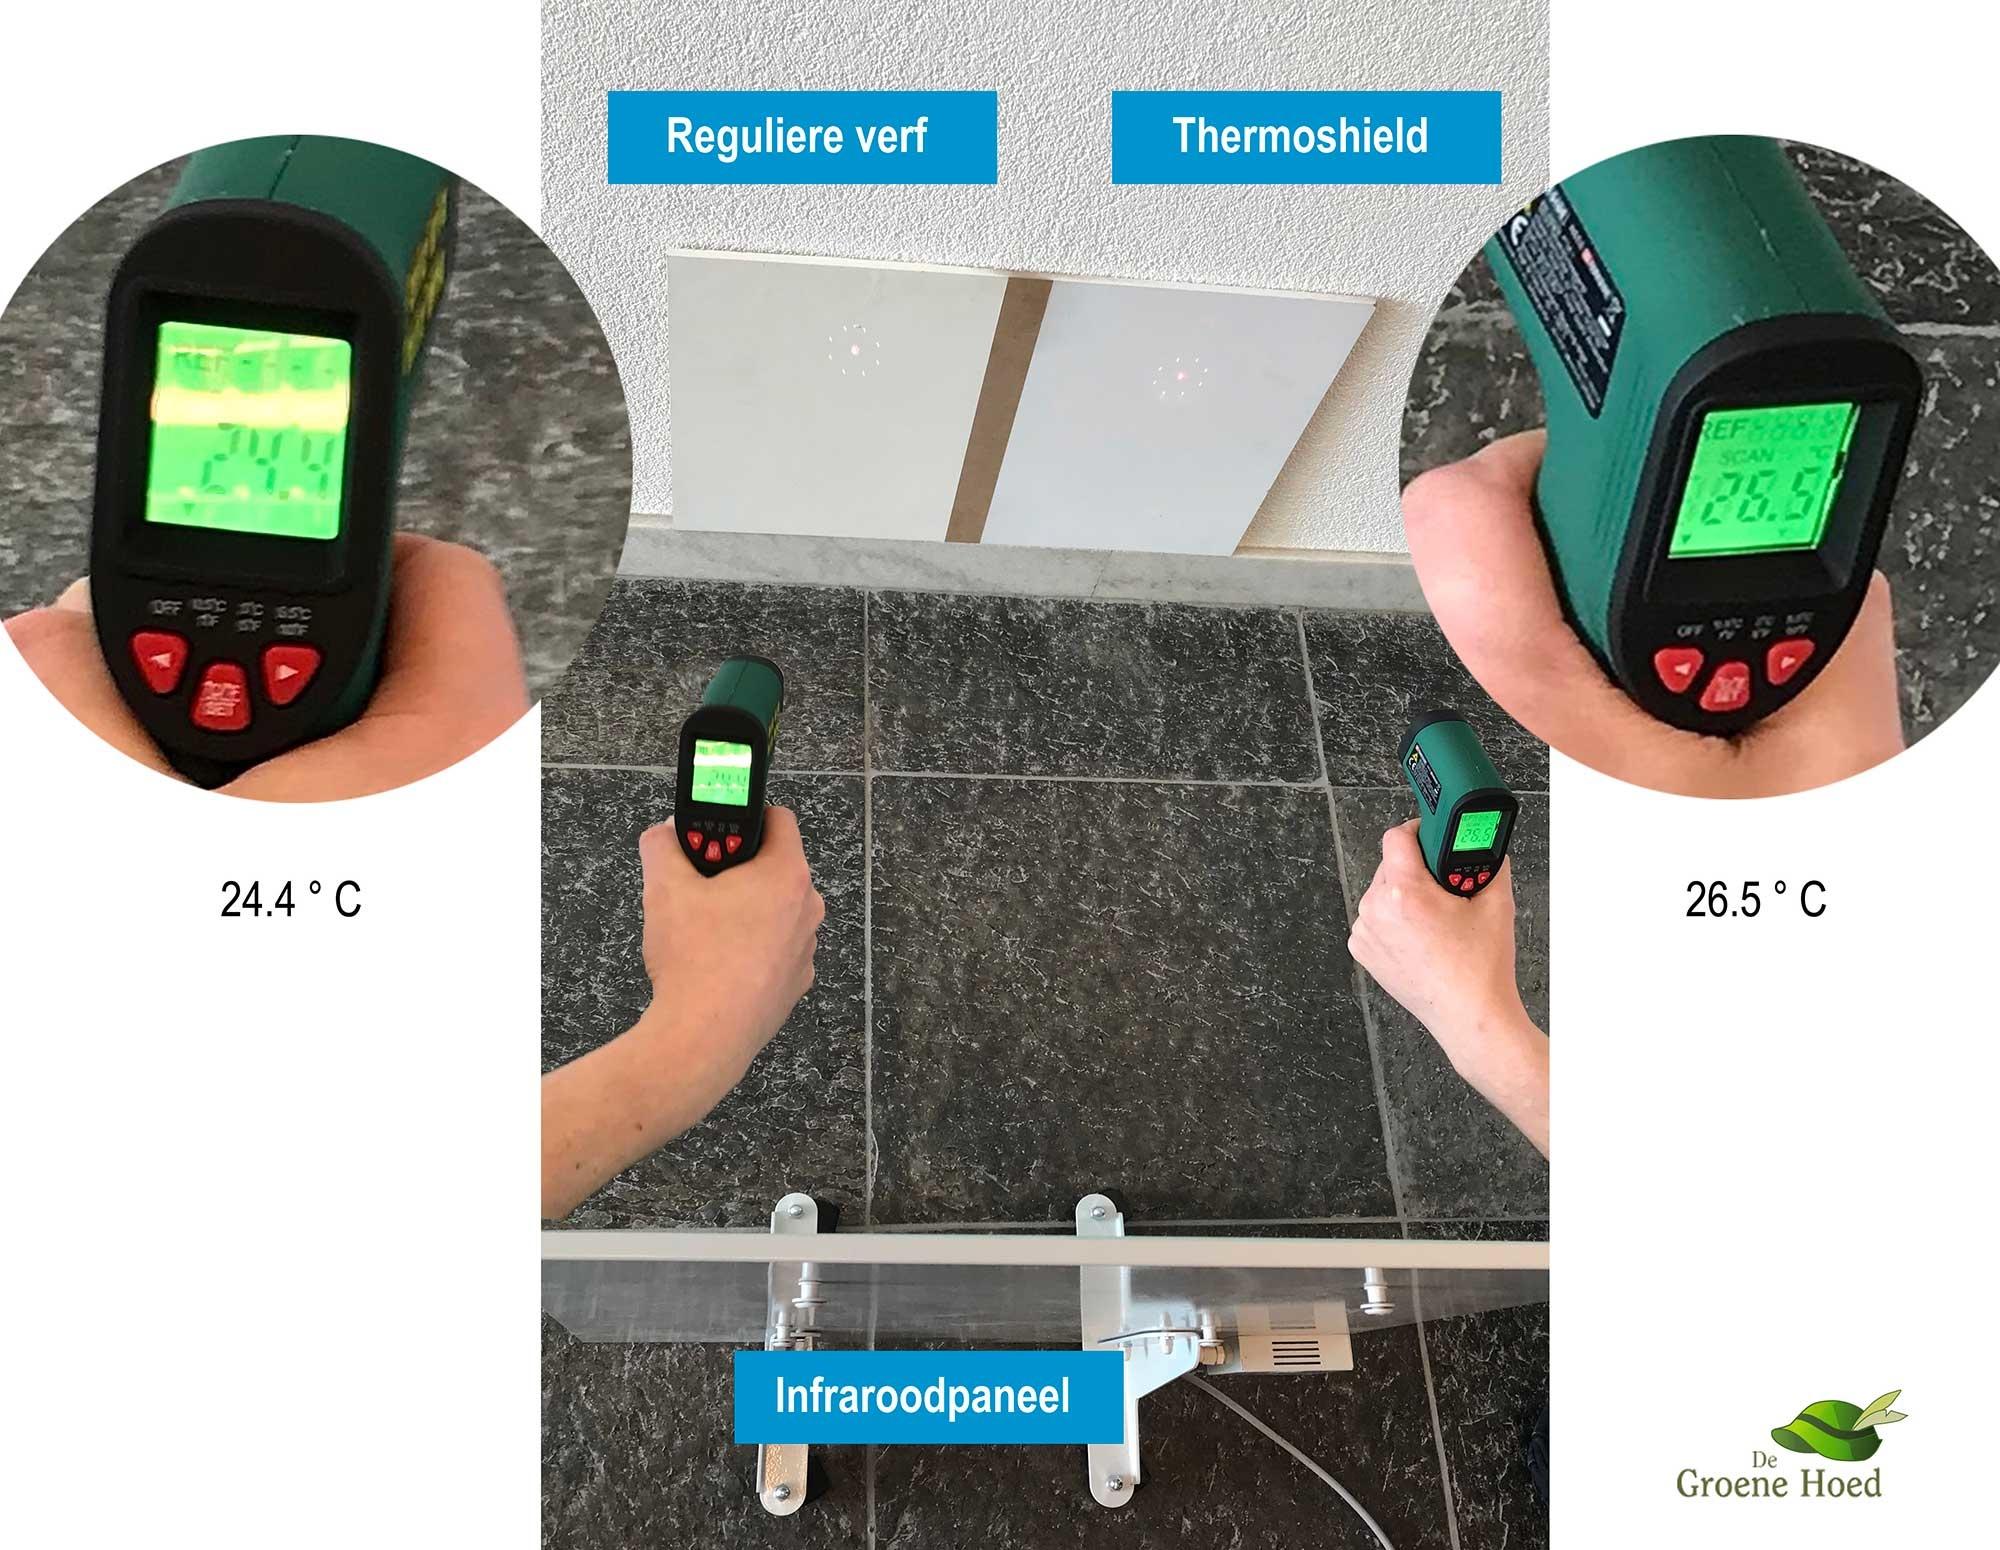 Proefopstelling infraroodpaneel met Thermoshield